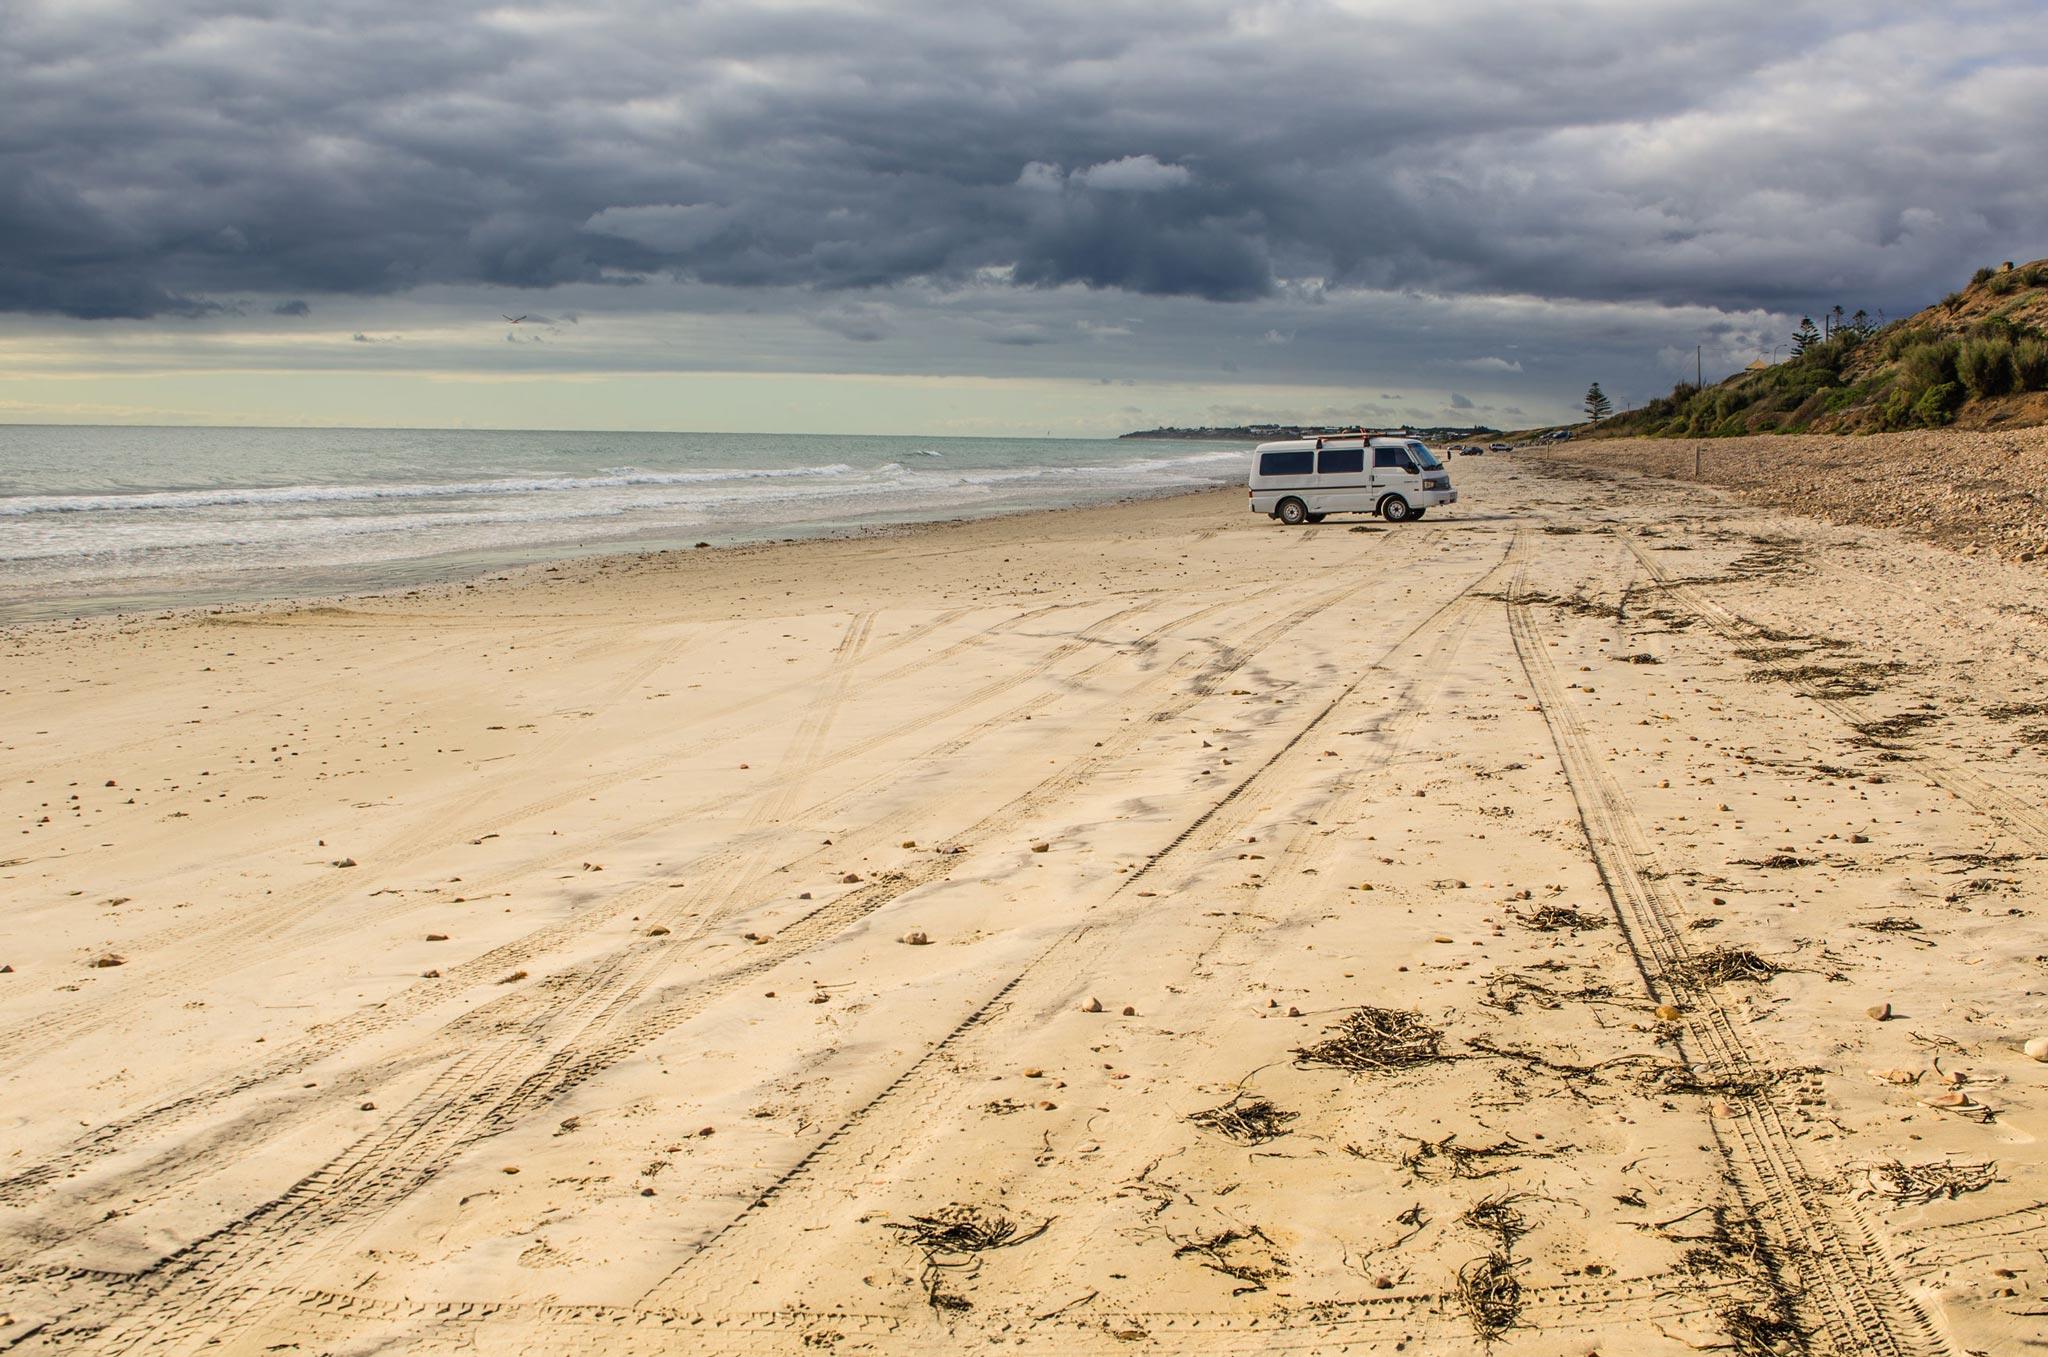 Paesaggi-Australia - DSC 4296 - South Australia, Sellicks Beach - South Australia, Sellicks Beach